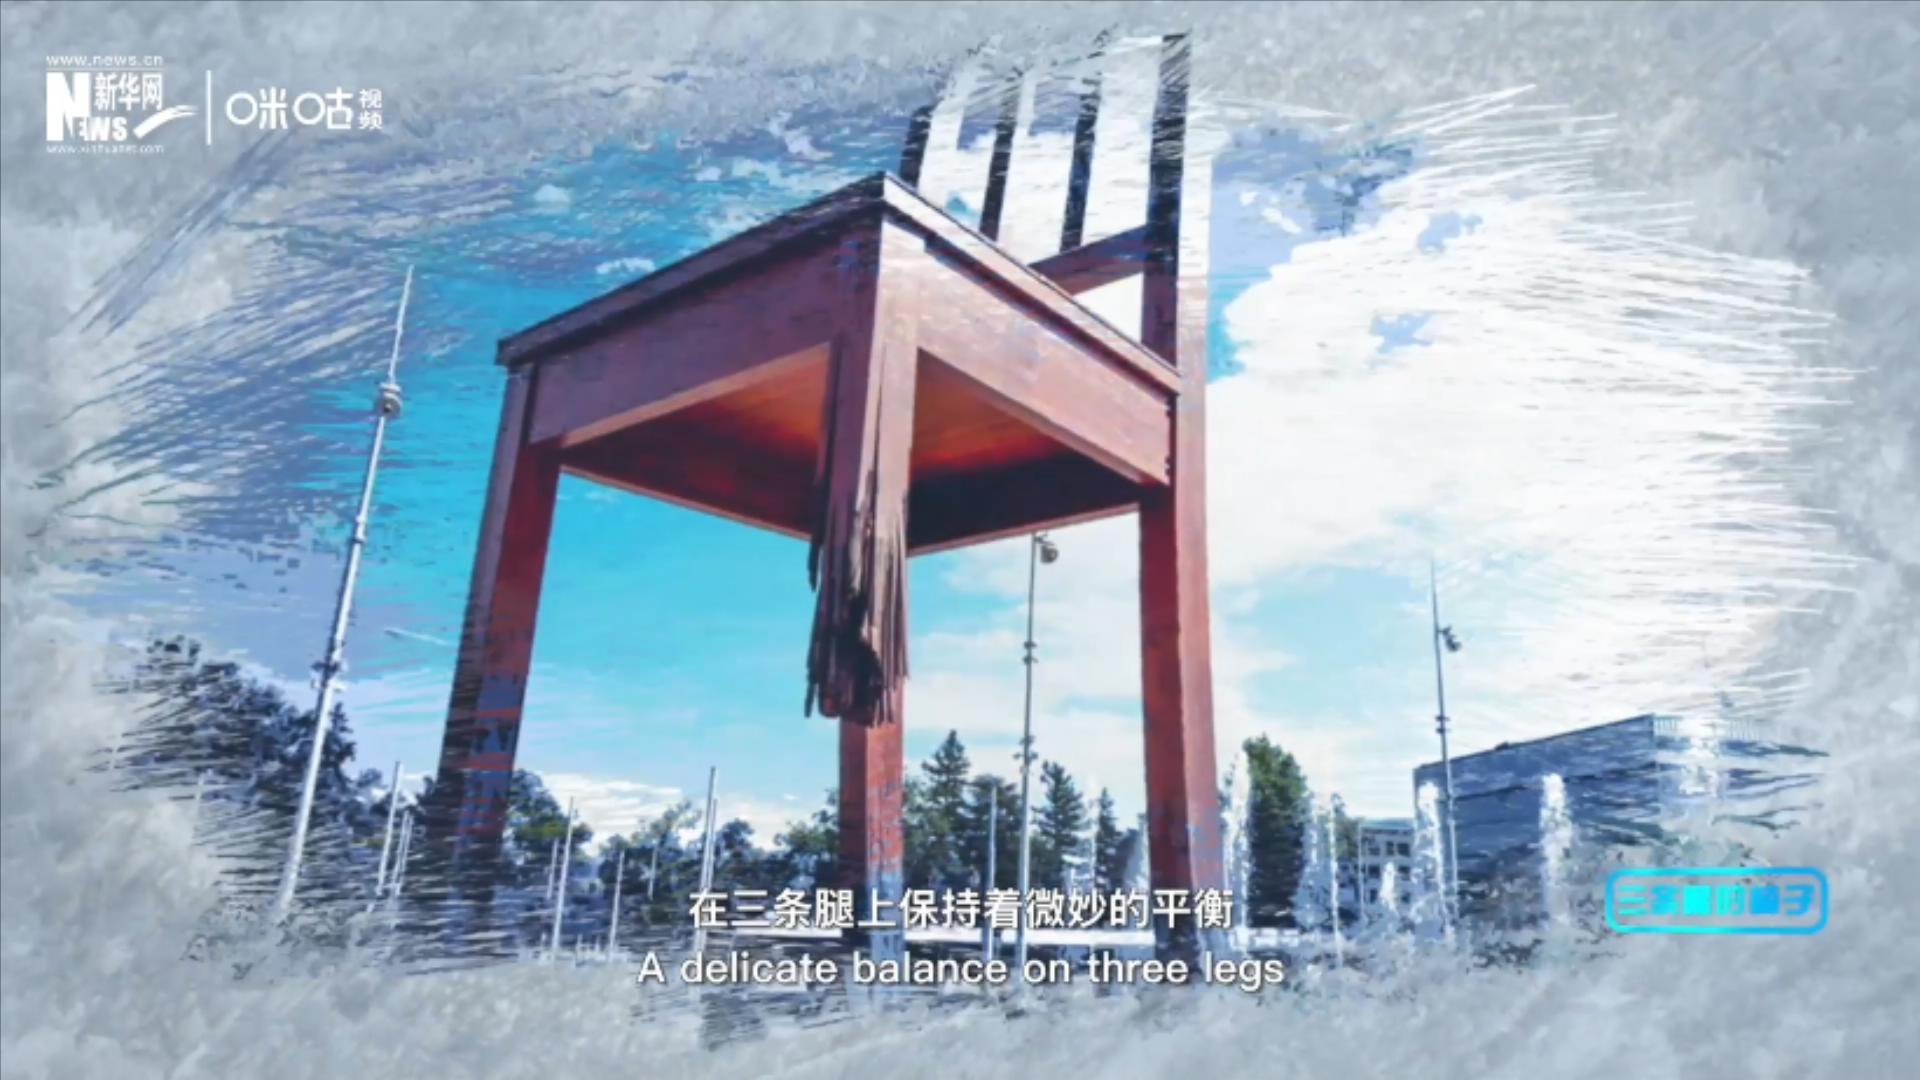 第十四集:三條腿的椅子